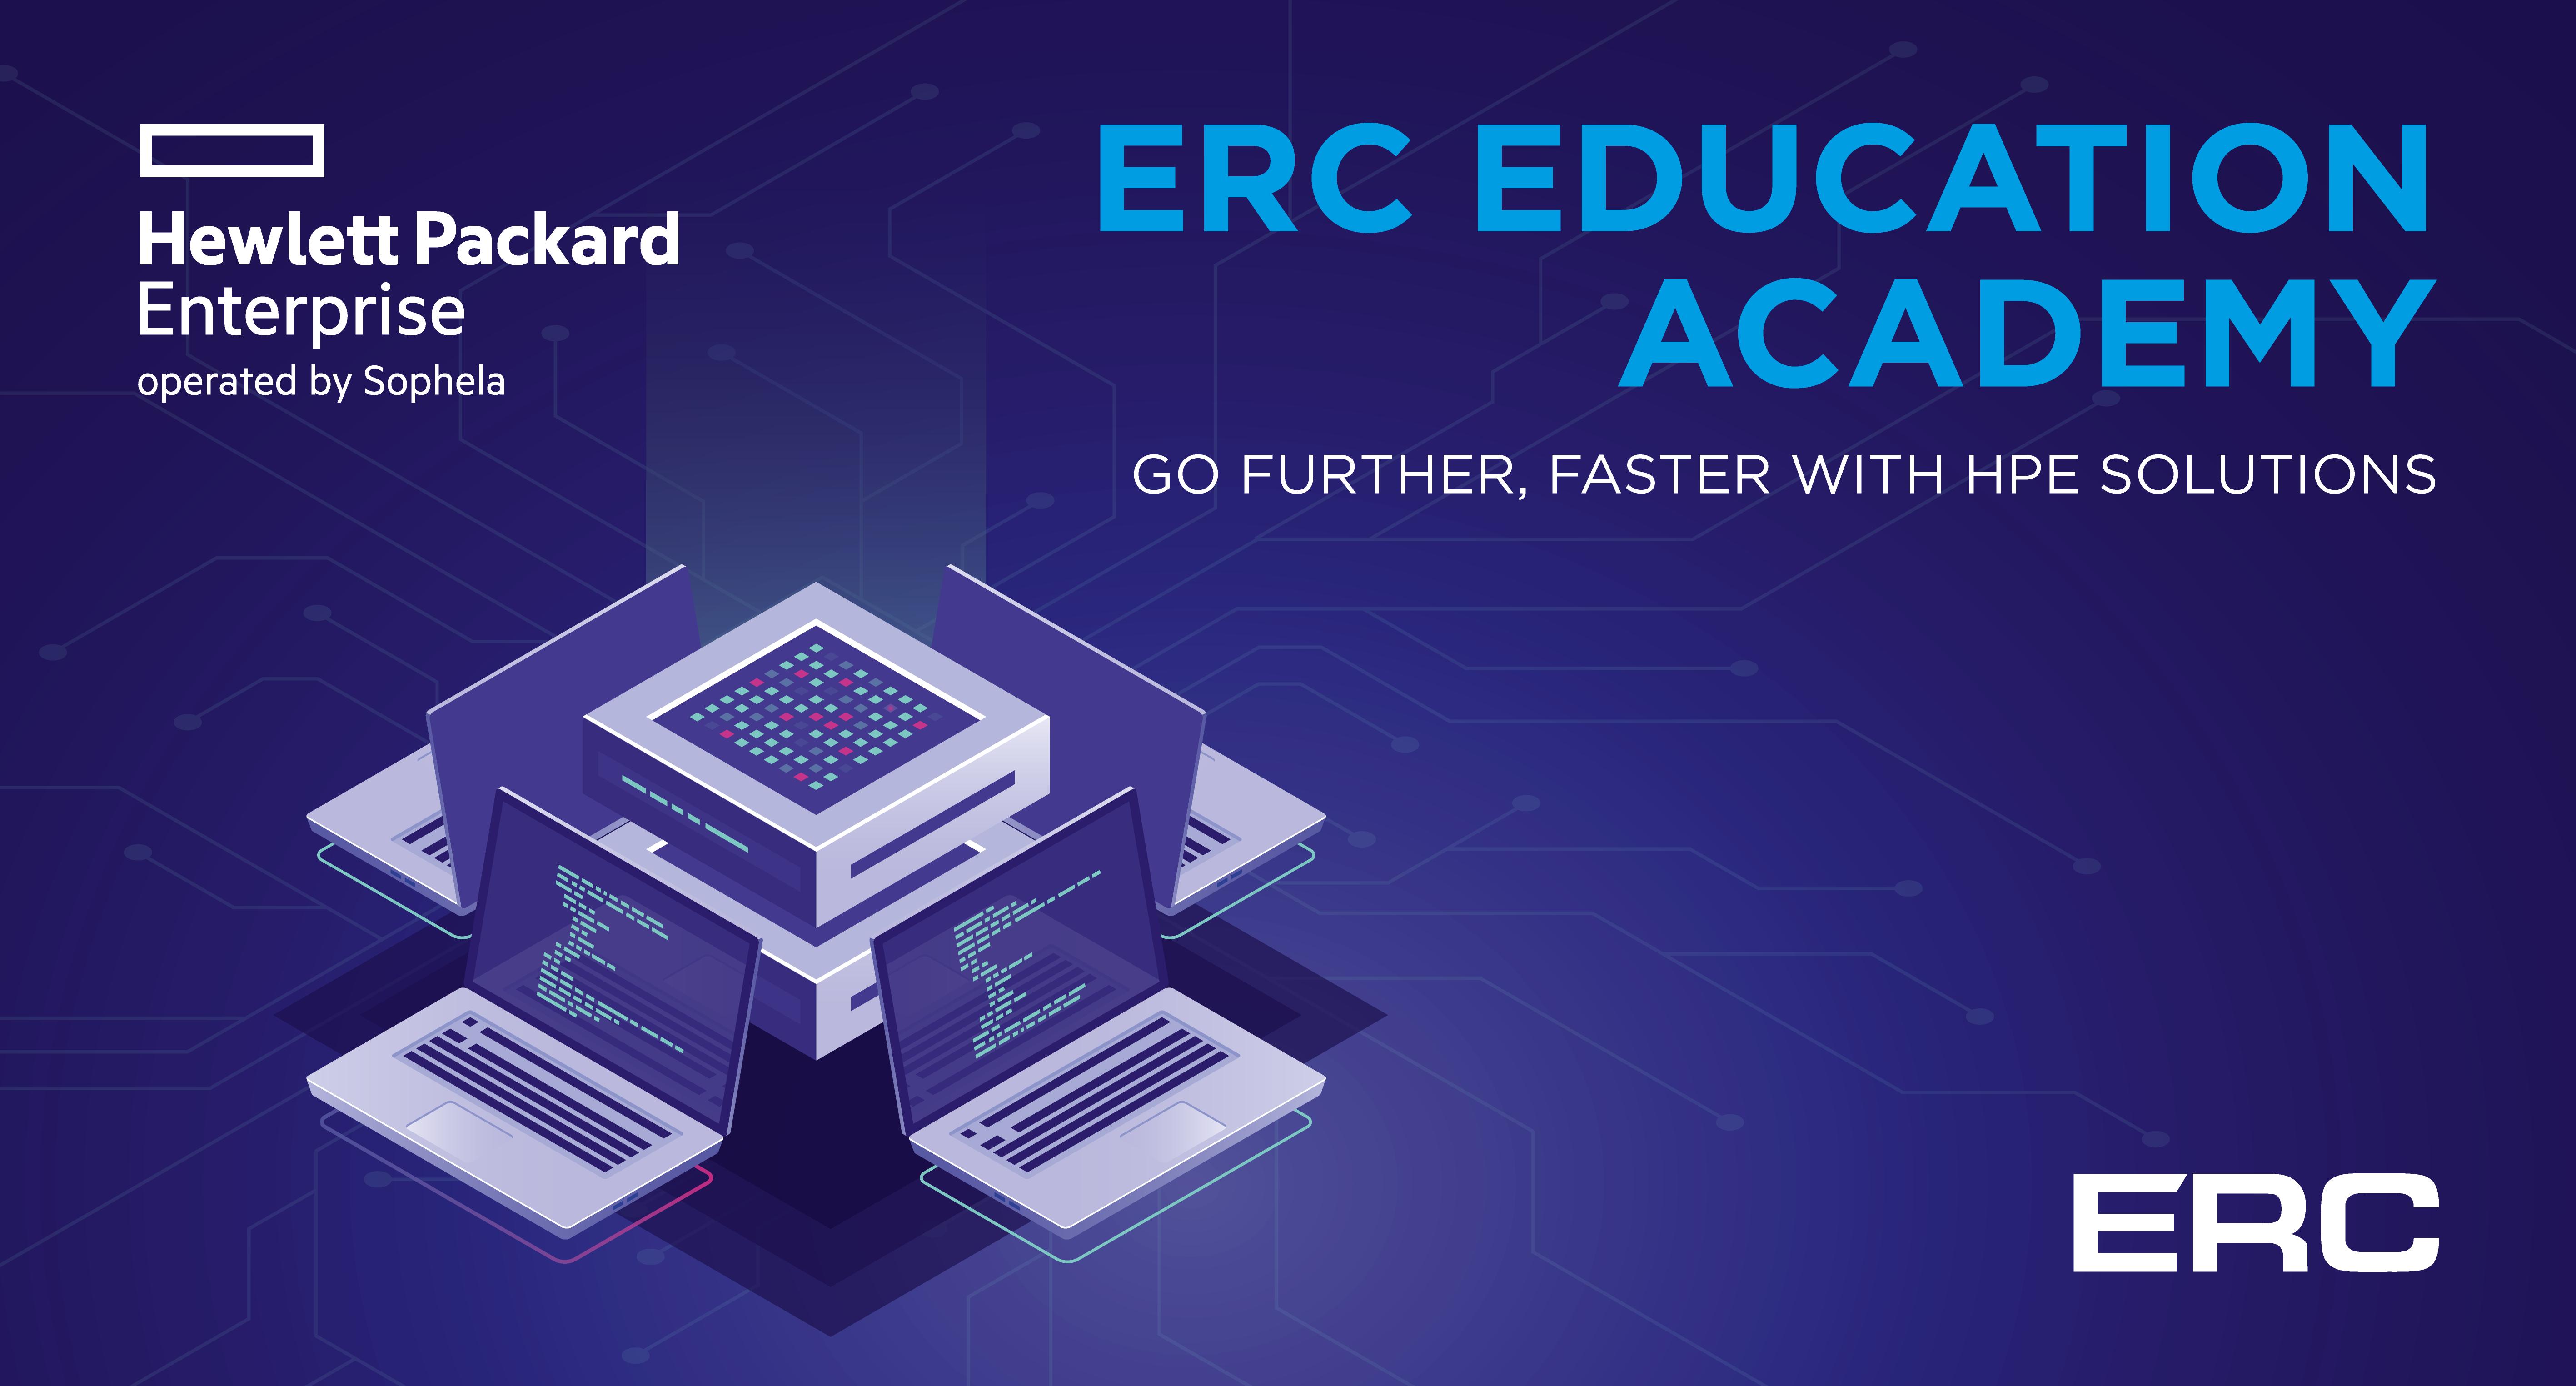 ERC Education Academy